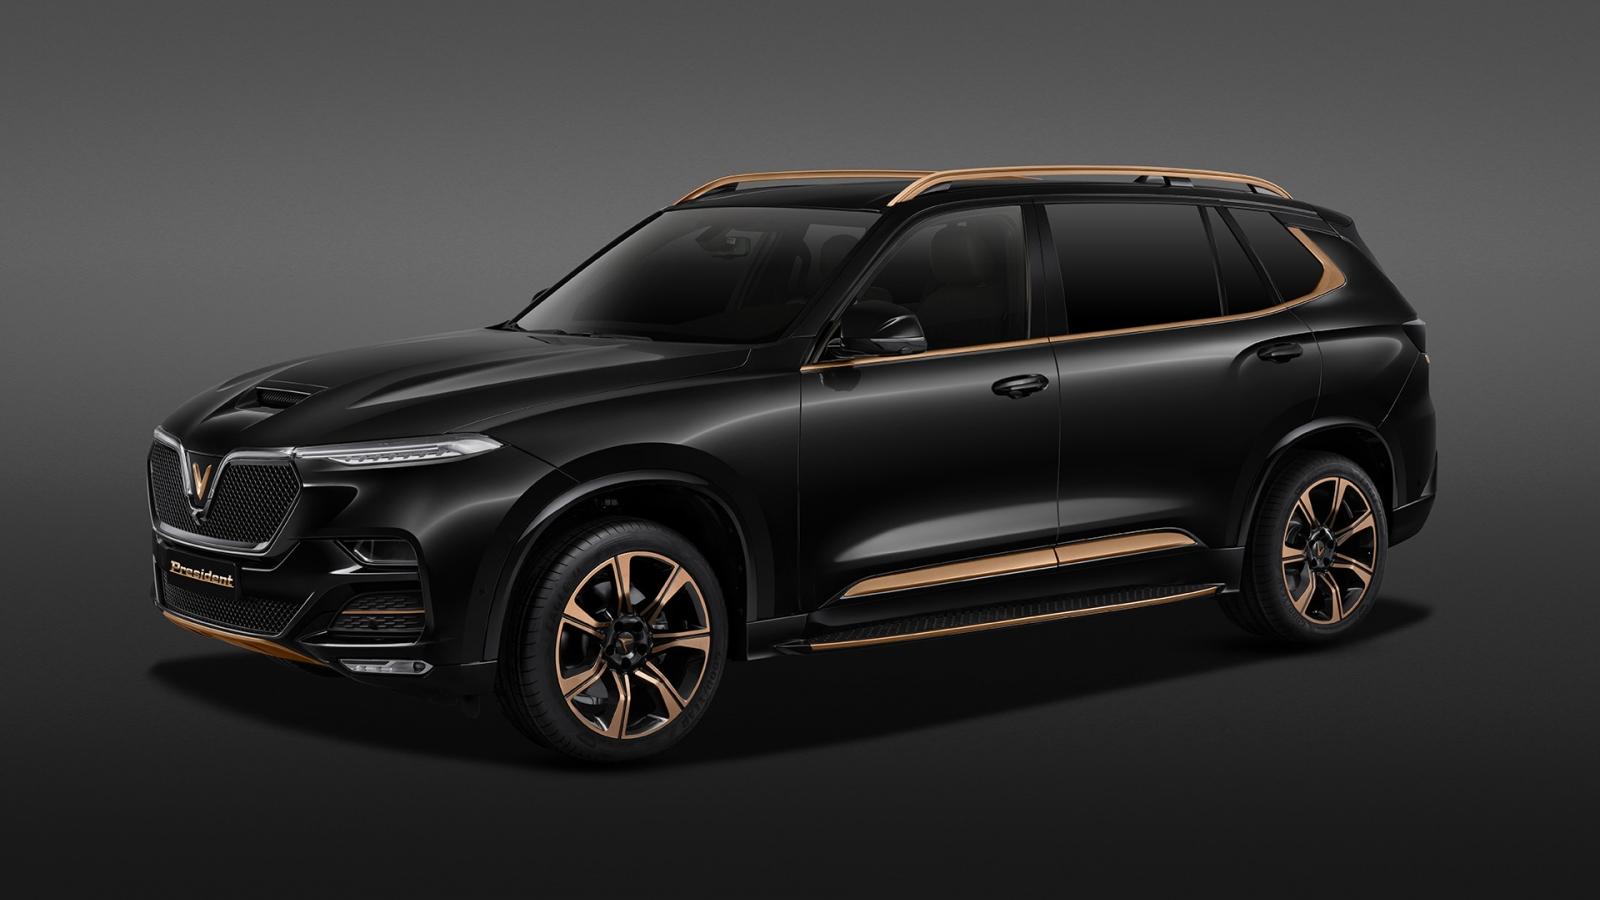 Ảnh chi tiết SUV VinFast President giá gần 5 tỷ đồng cạnh tranh cùng Lexus LX 570